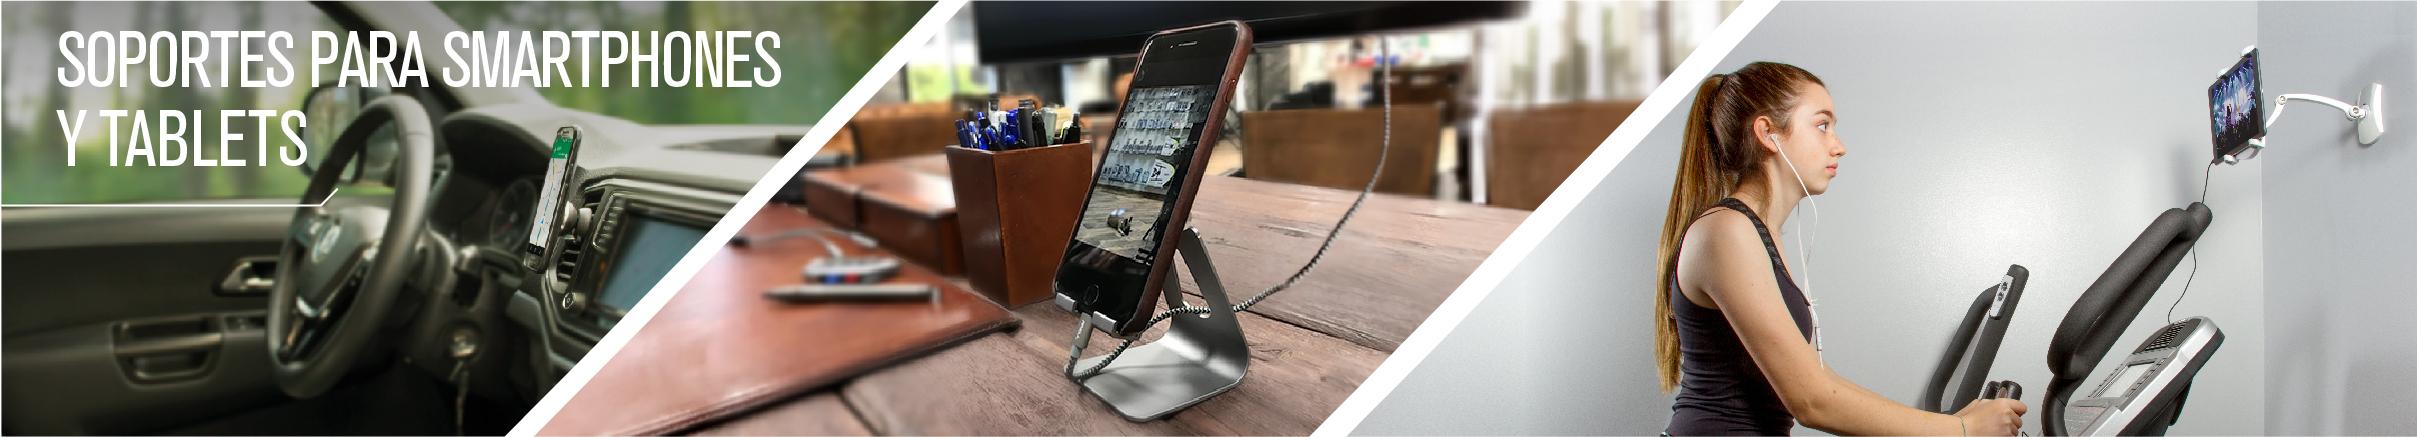 Soportes para Smartphones y Tablets